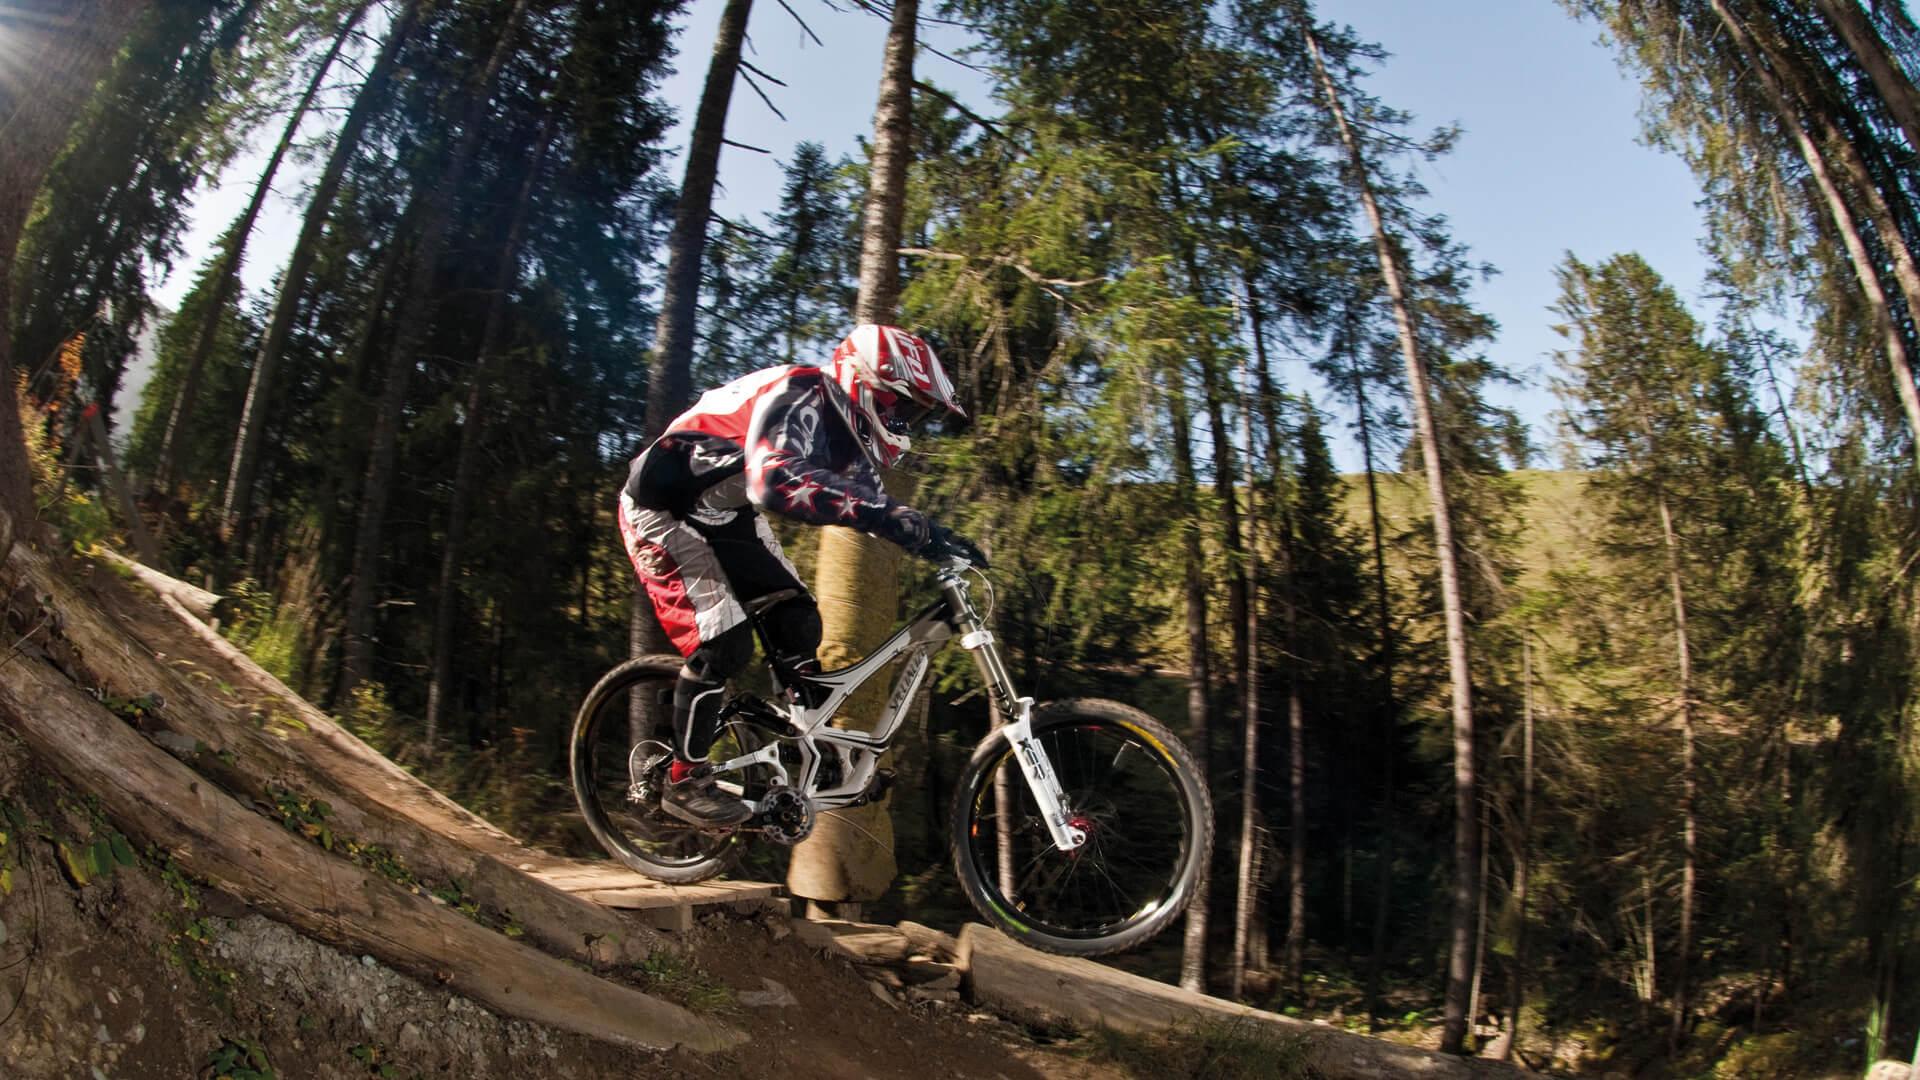 wiriehorn-abfahrt-downhill-bike-sommer